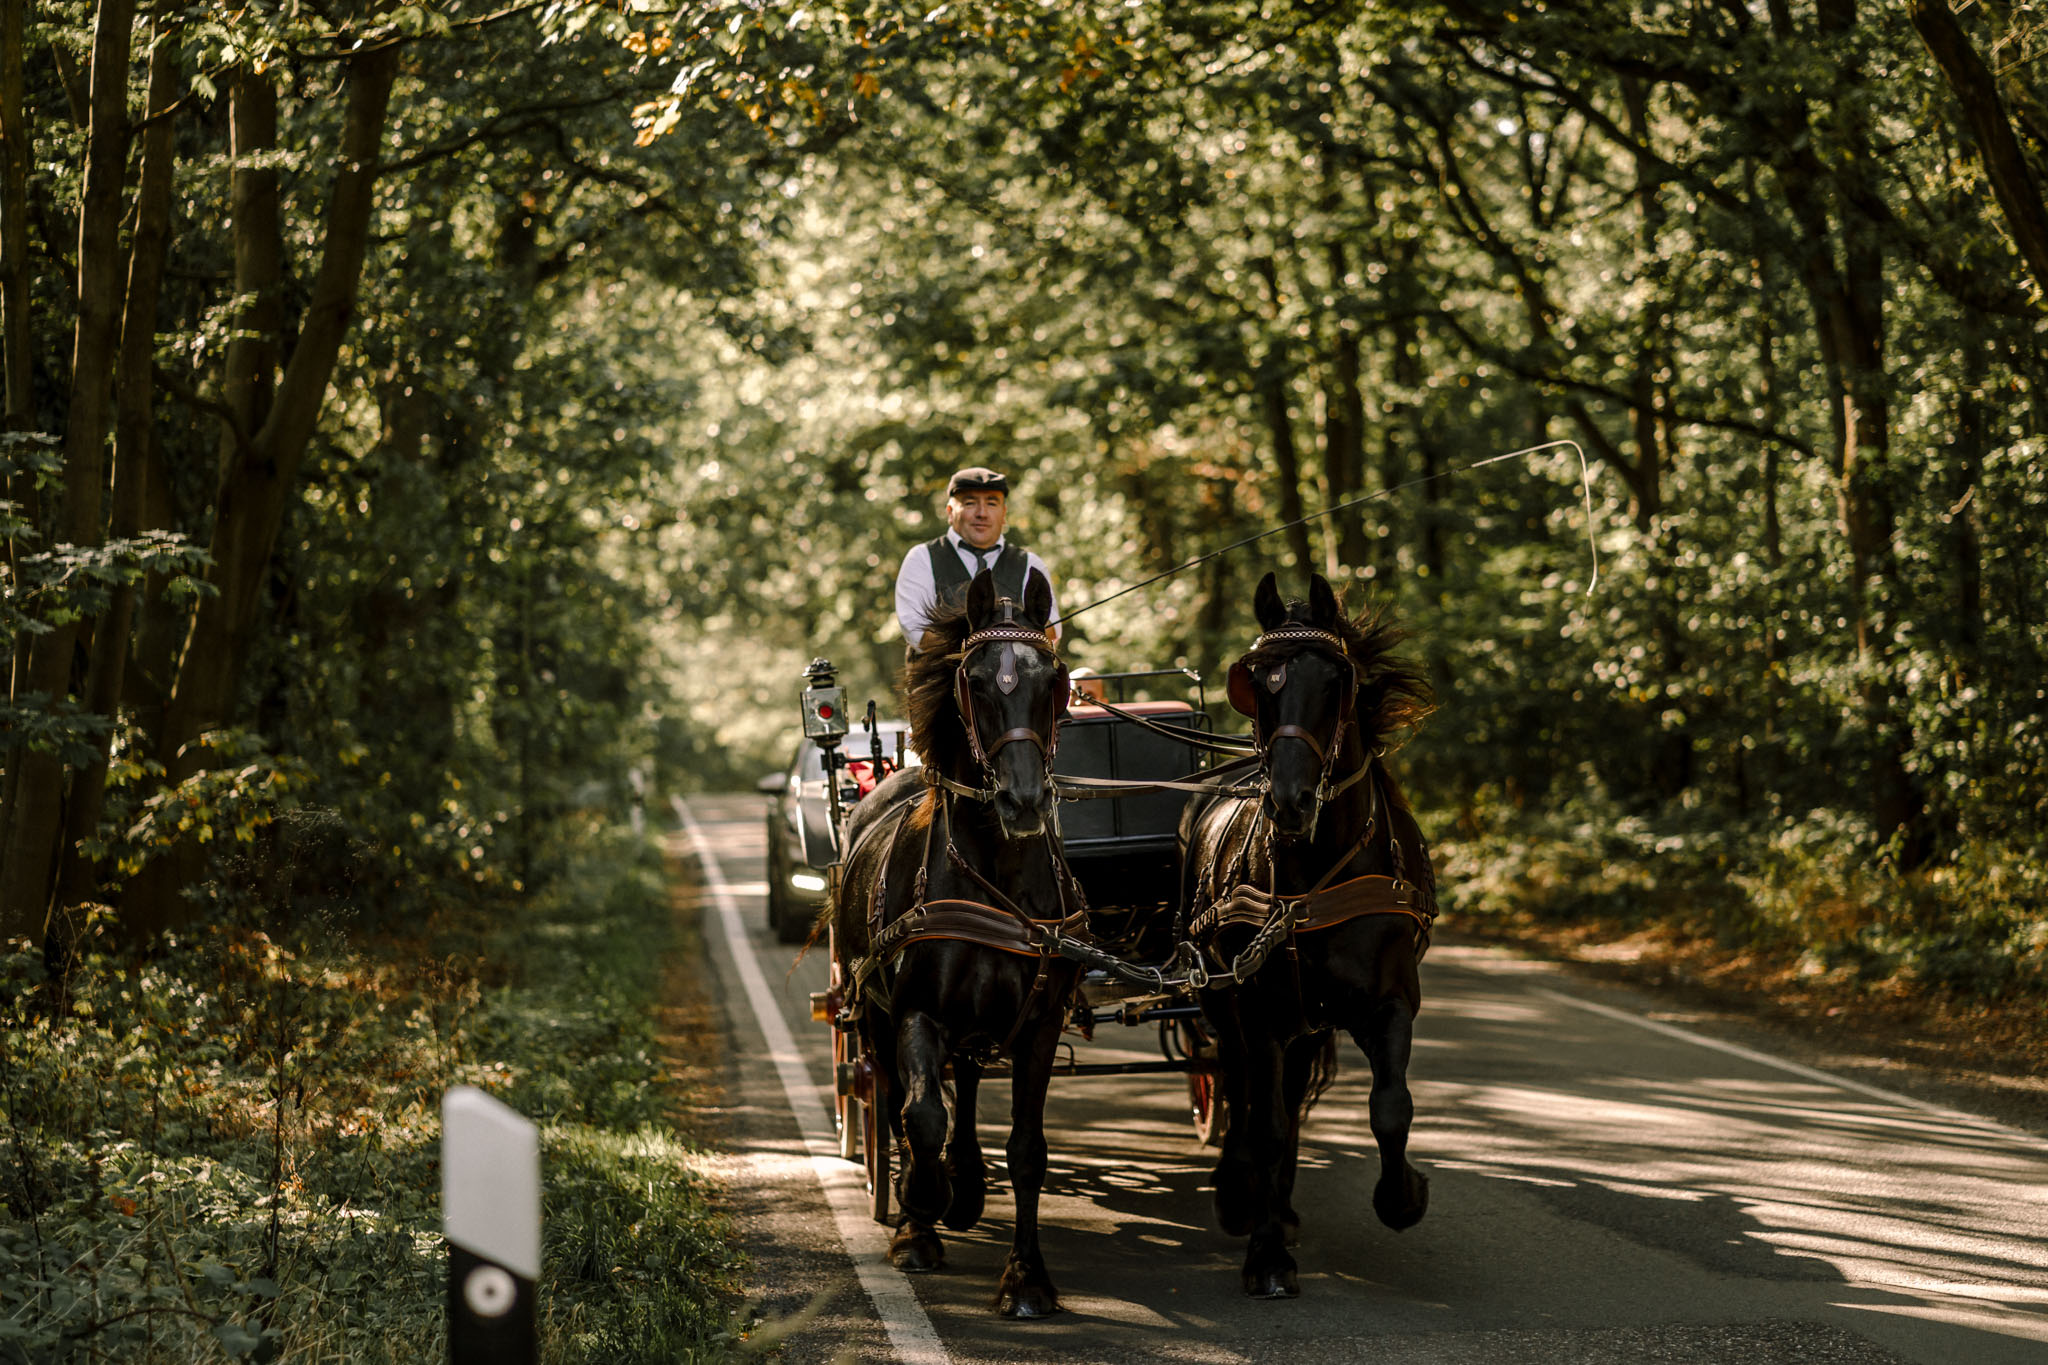 Hochzeitsfieber by Photo-Schomburg, Hochzeitsfotograf, Hamburg,Hochzeitstag, Hochzeitspaar, Braut, Bräutigam, Literaturhauscafe Zarrentin-90